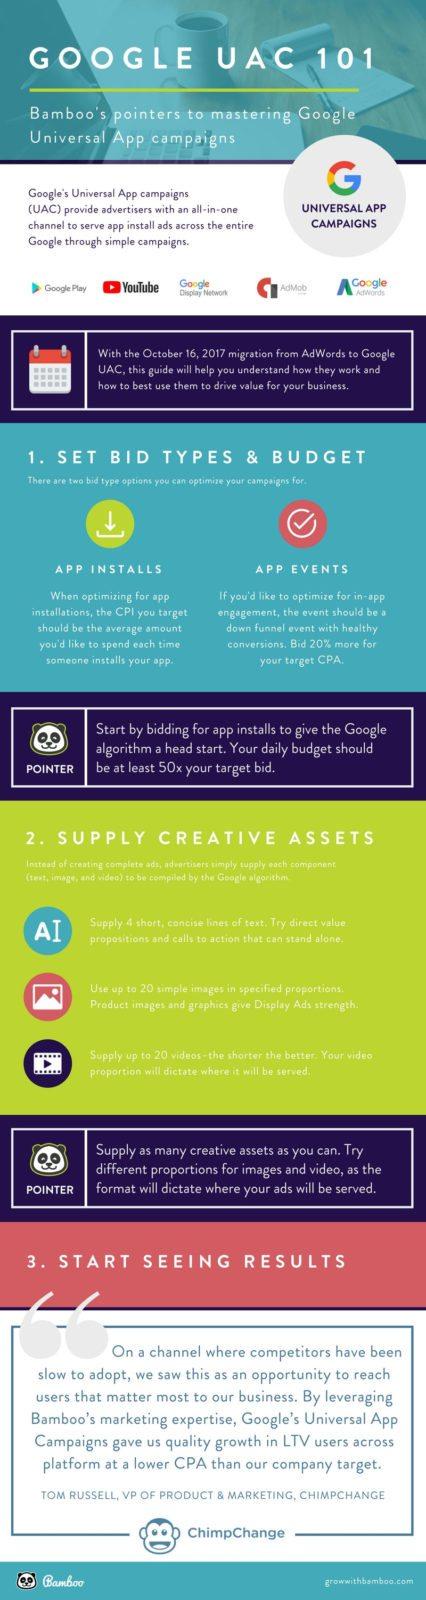 Todo sobre el funcionamiento de campañas universales de aplicaciones de Google infografia